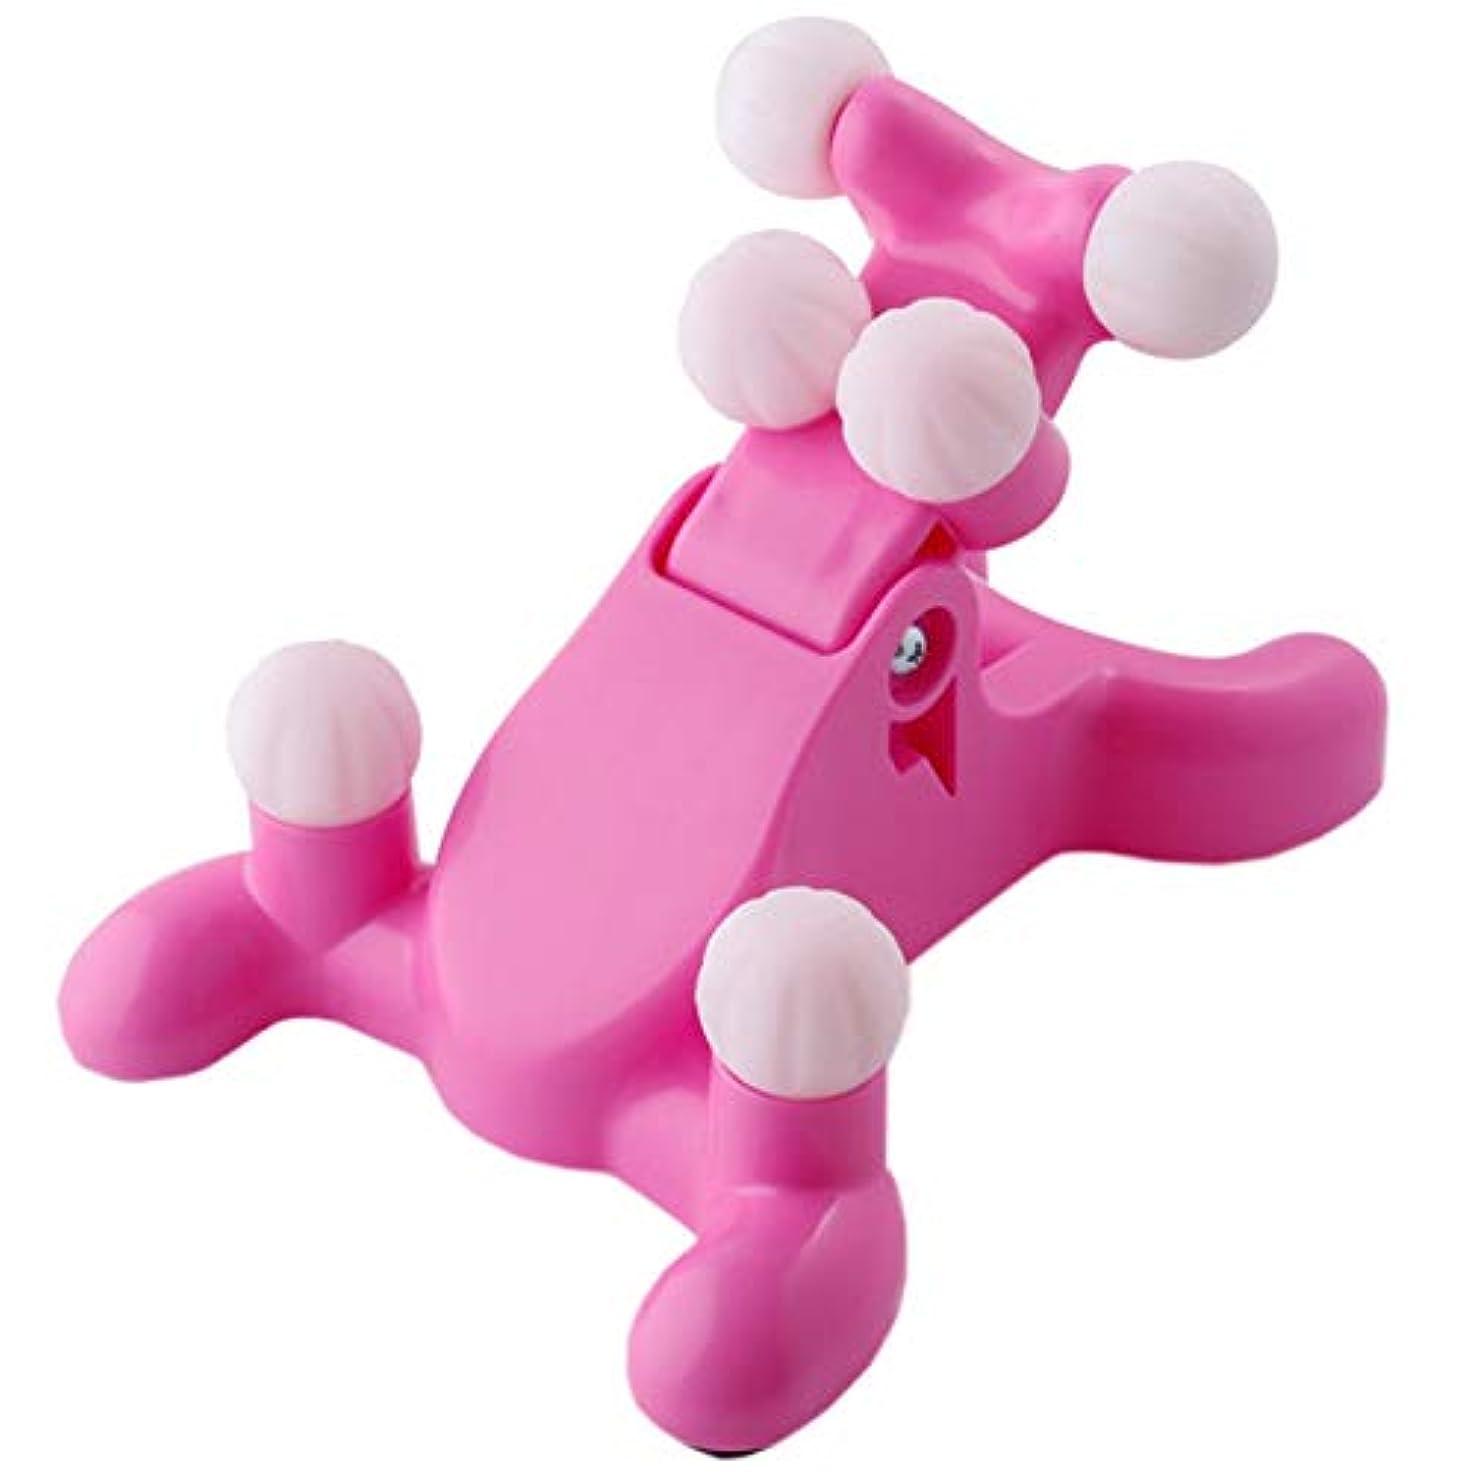 無線浸すすなわちHAMILO 首用マッサージ器 マッサージマシン ツボ押し ストレッチ 首 肩 (ピンク)